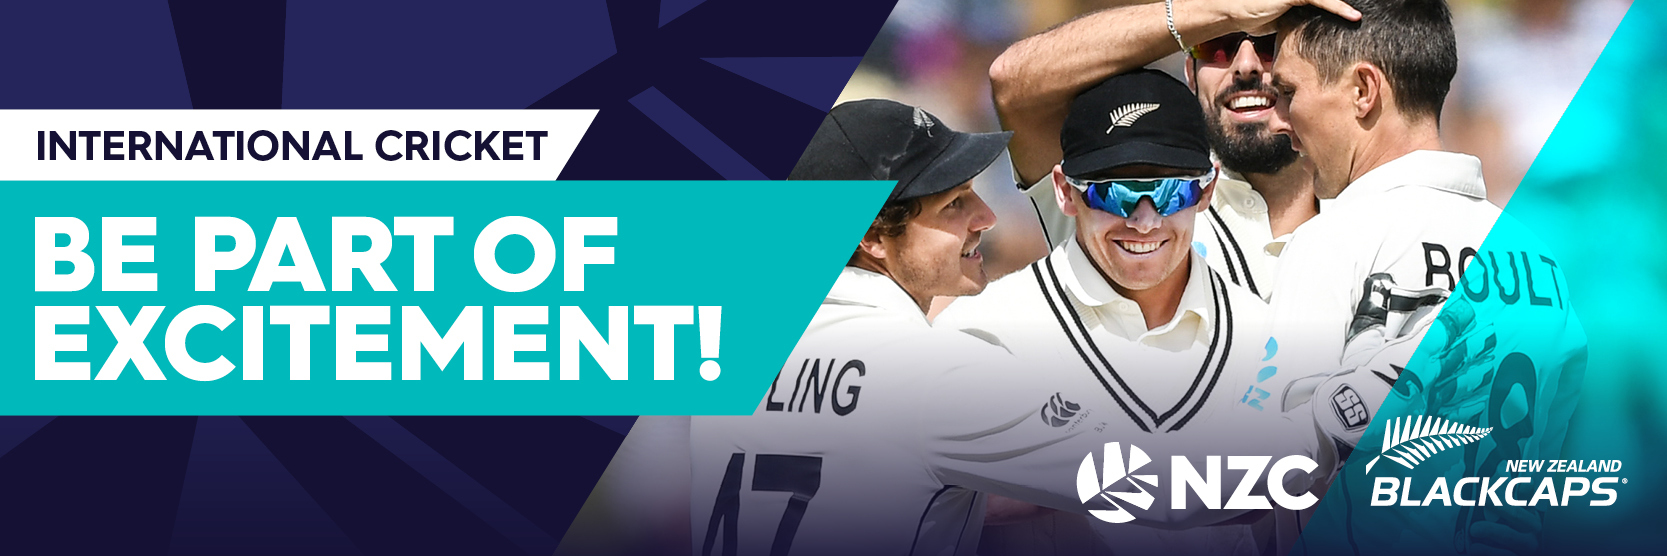 NZ BLACKCAPS Test Cricket